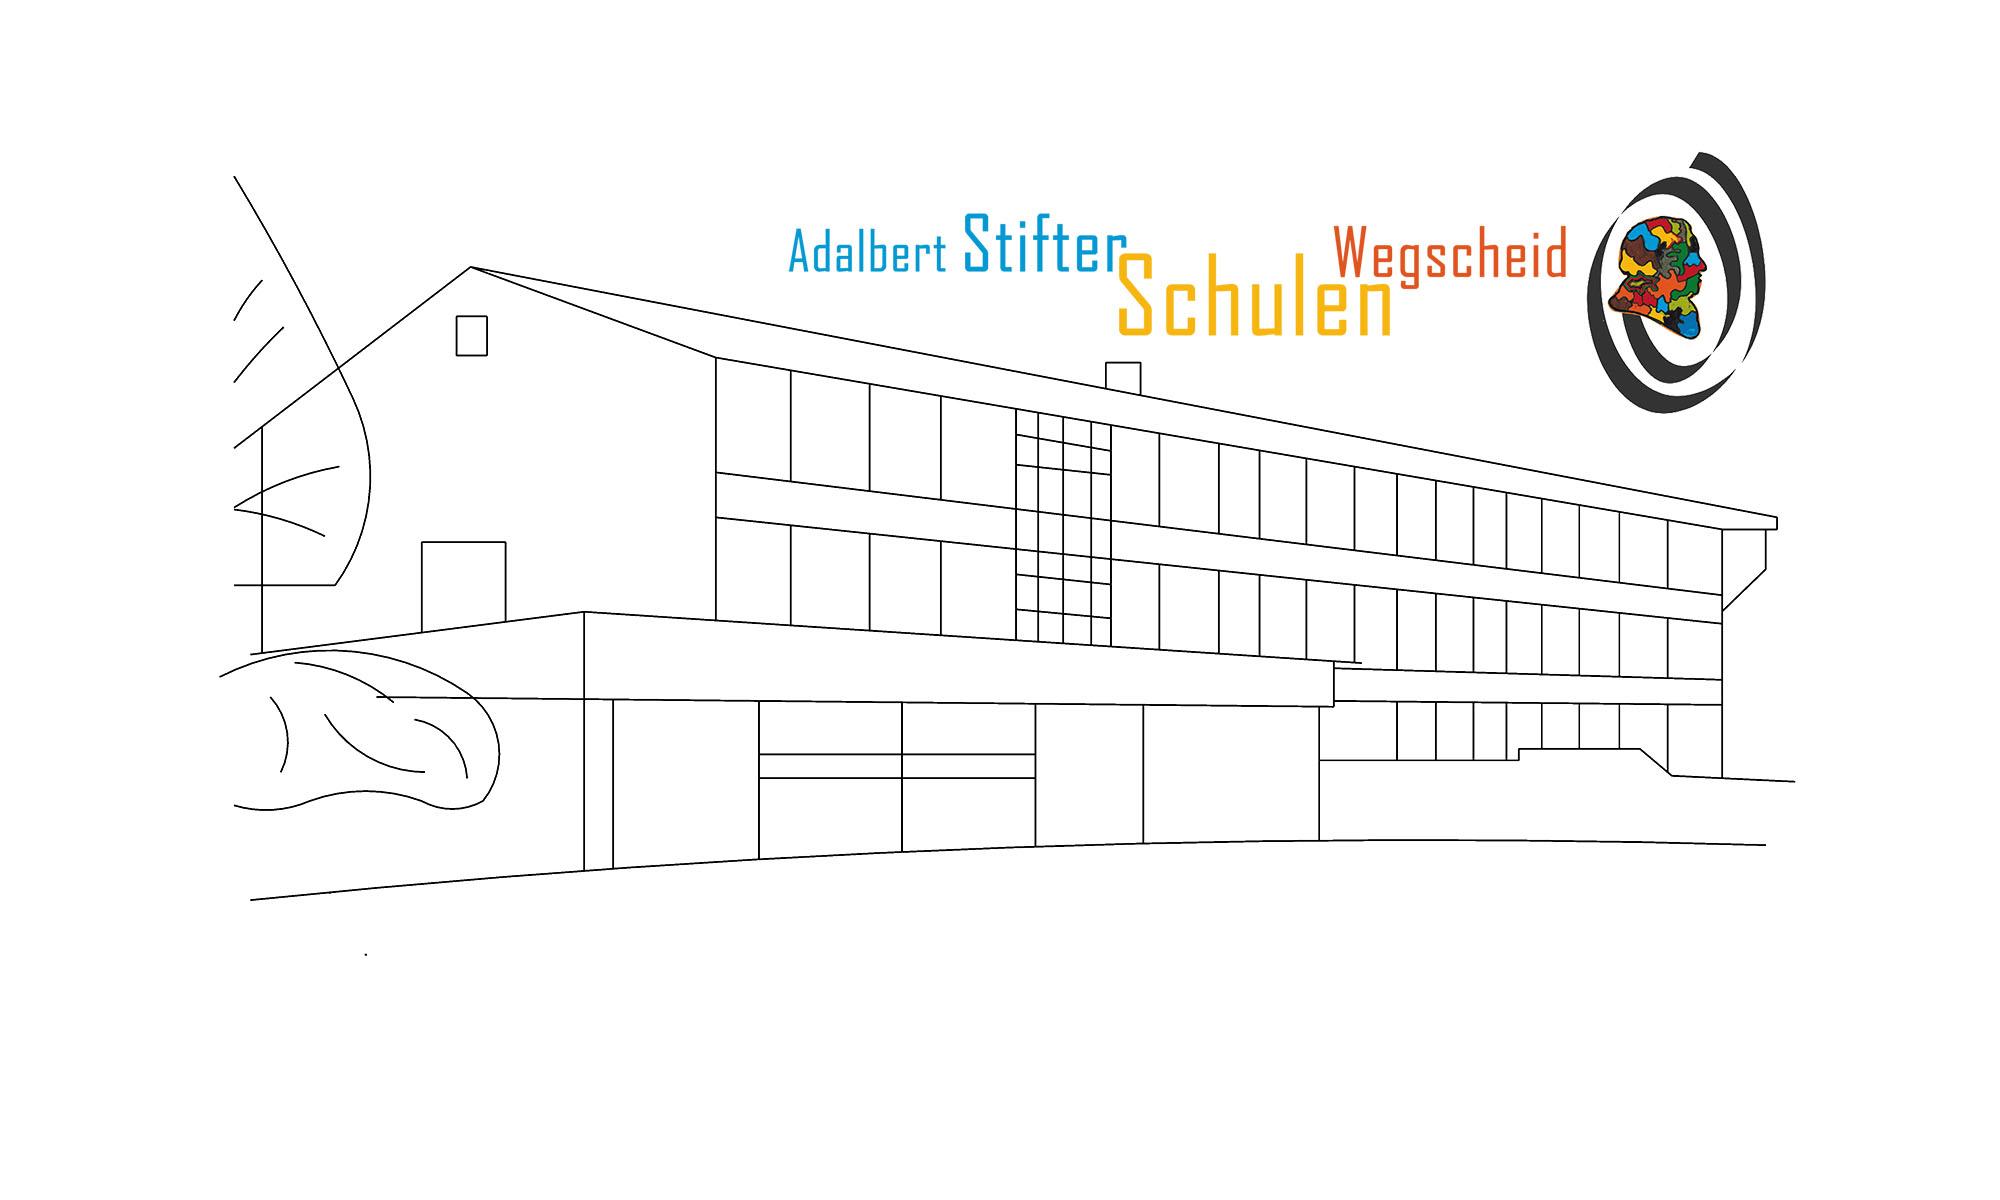 Adalbert Stifter Schulen